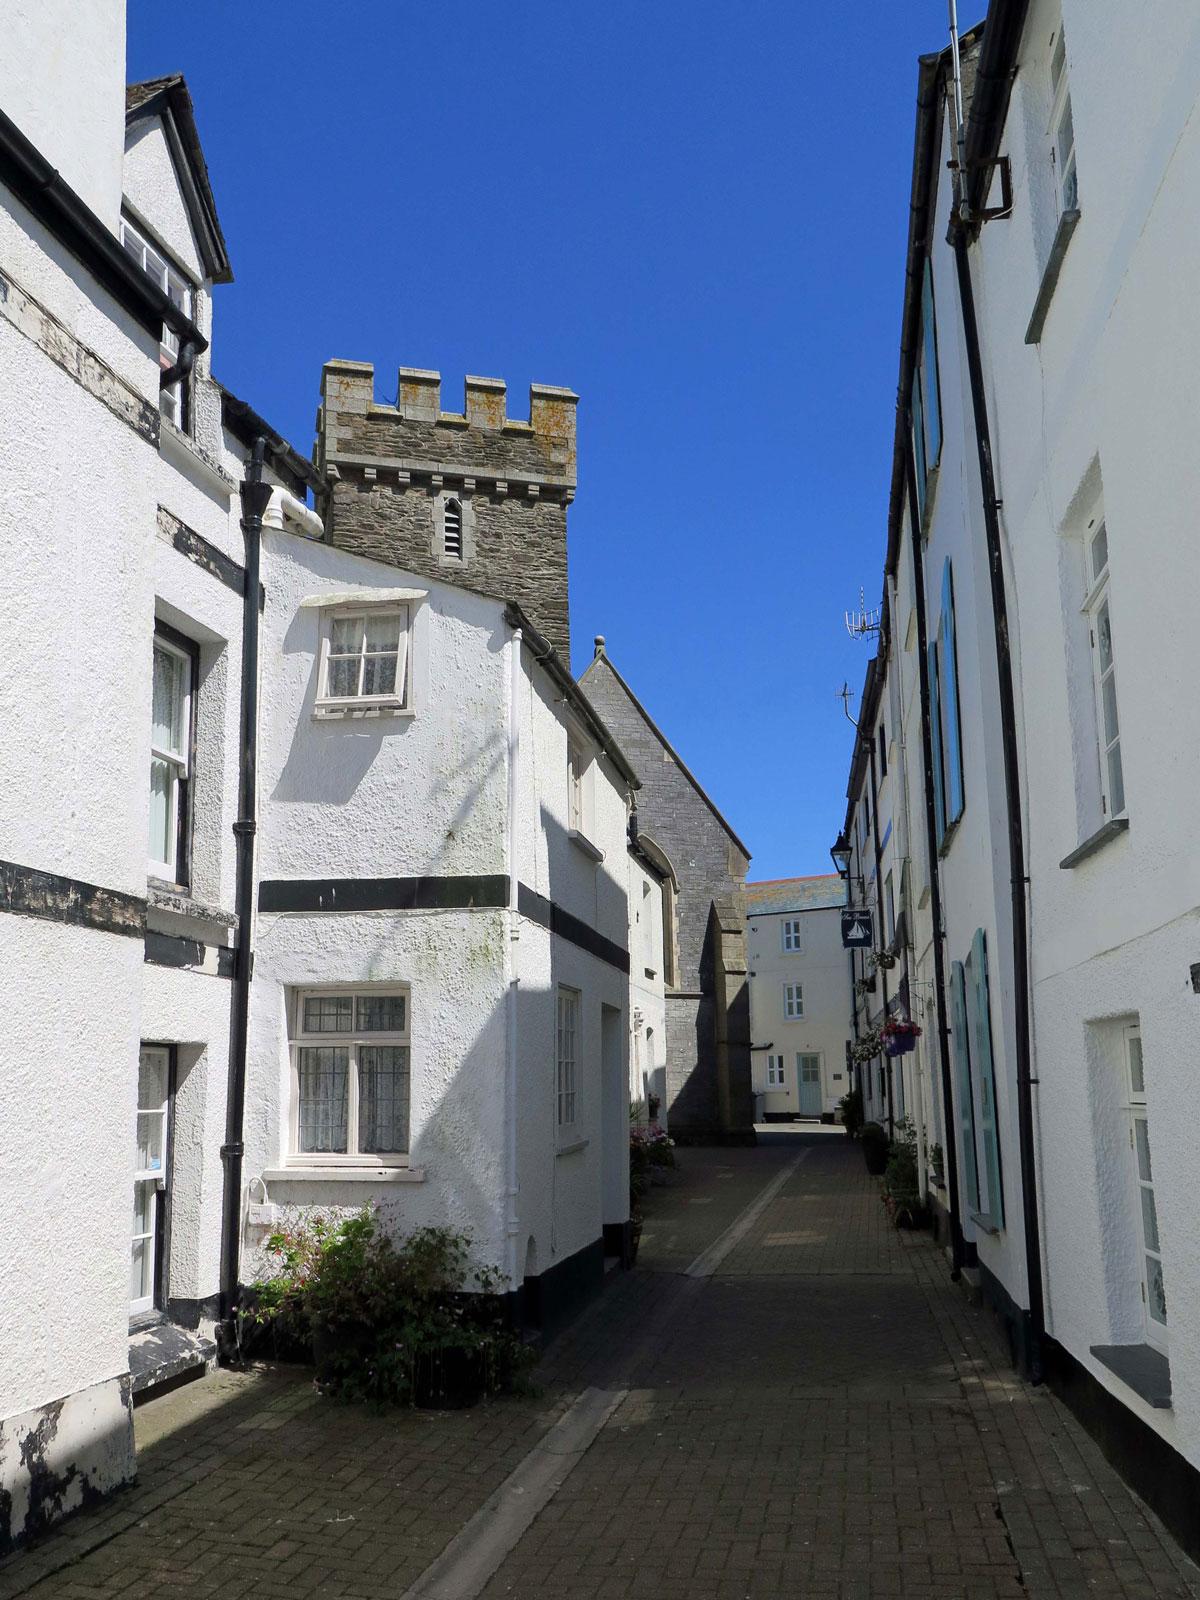 Lower Chapel Street